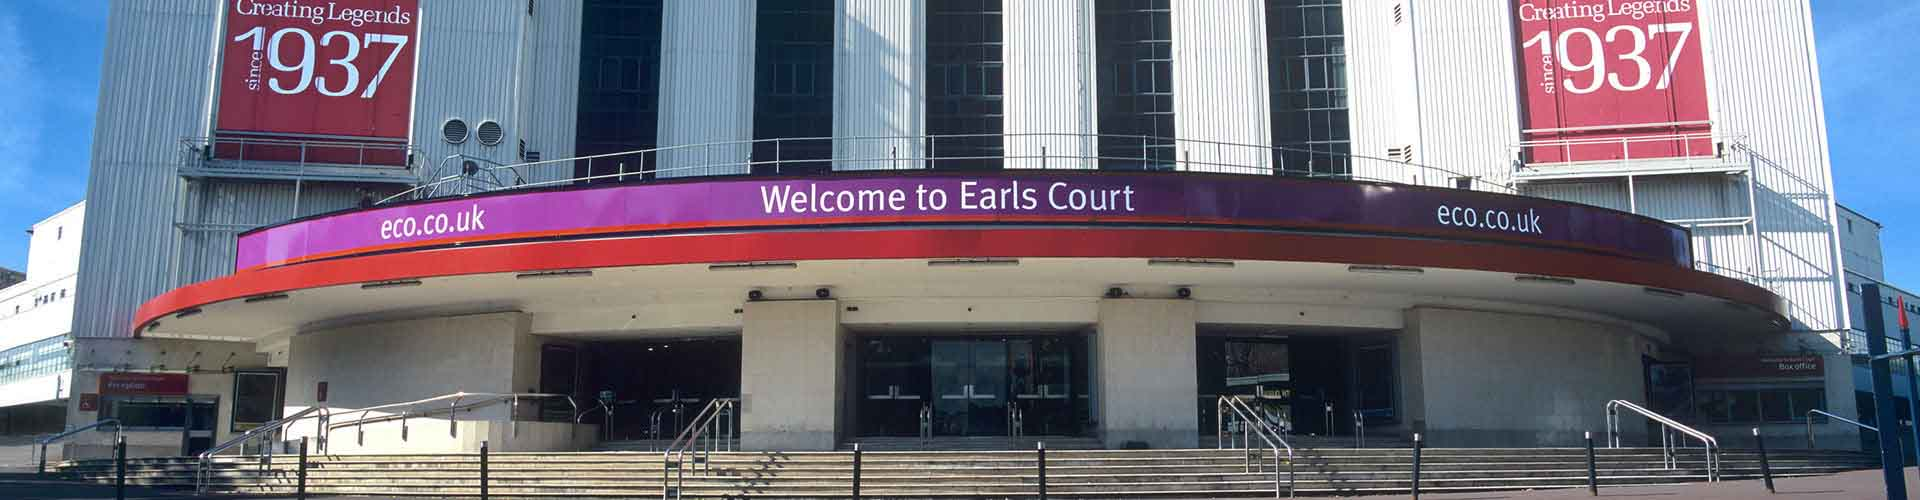 Lontoo – Hostellit kaupungiosassa Earls Court. Lontoo -karttoja, valokuvia ja arvosteluja kaikista Lontoo -hostelleista.